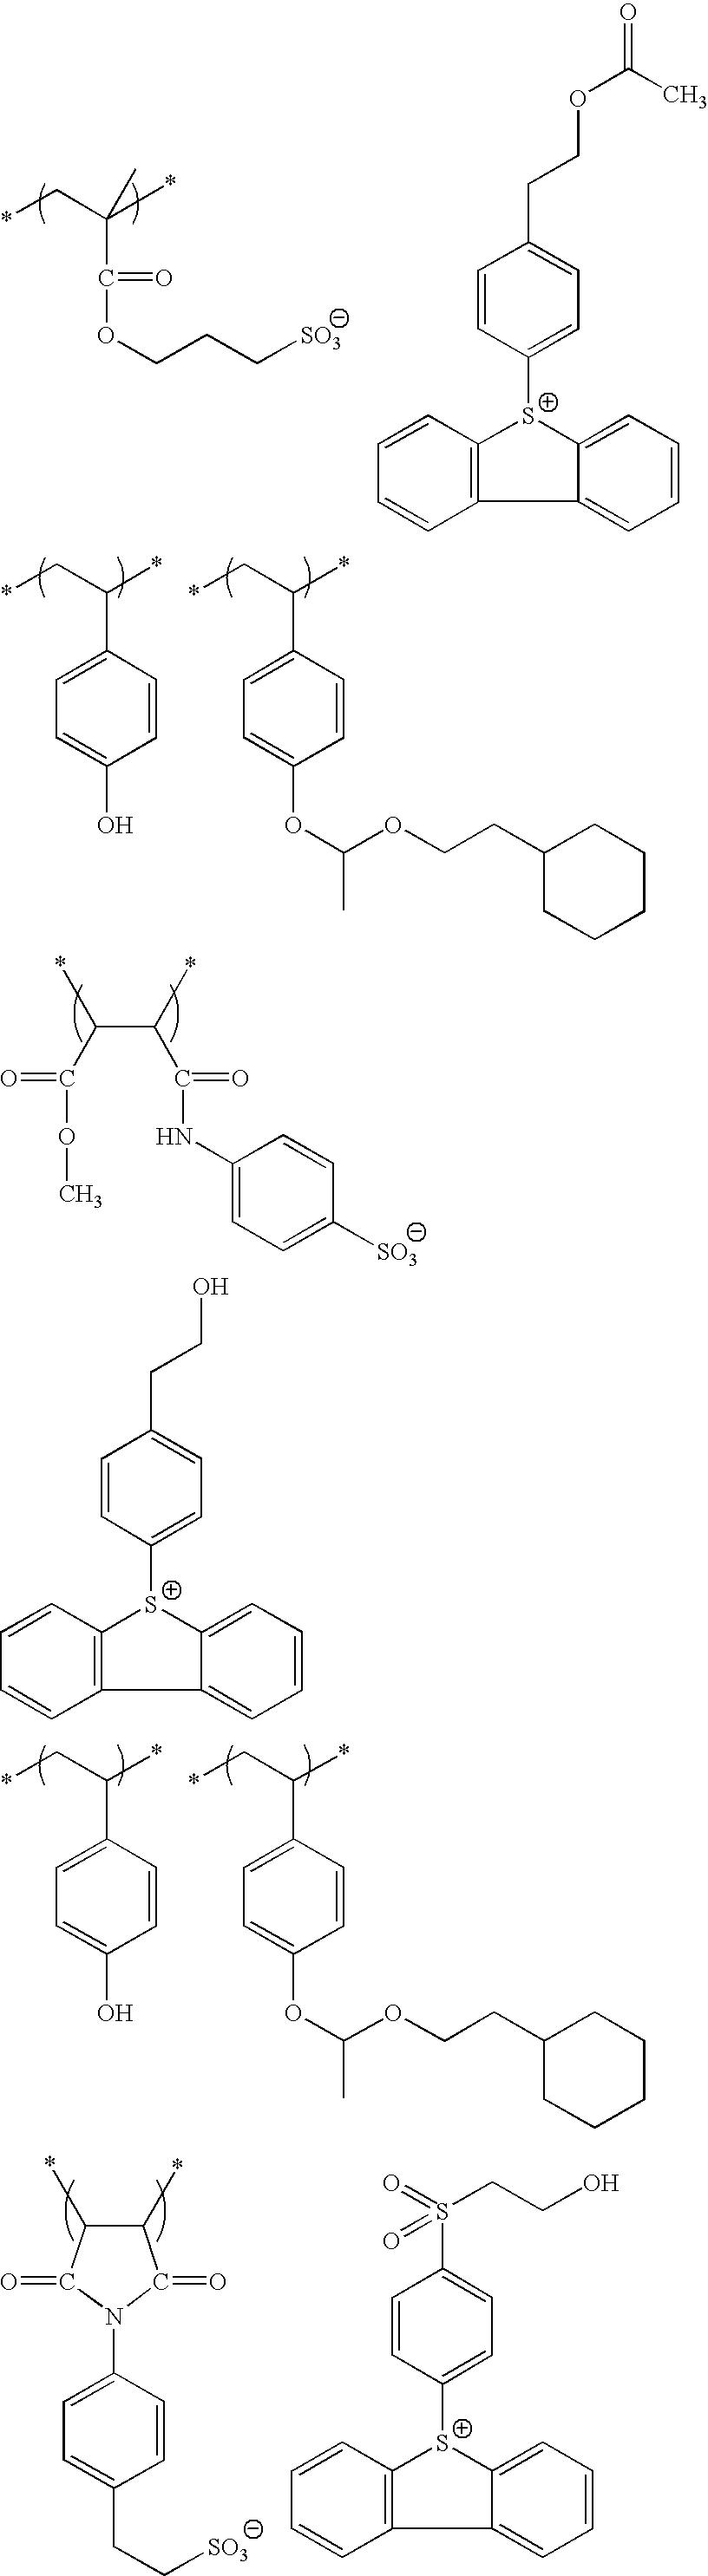 Figure US20100183975A1-20100722-C00153